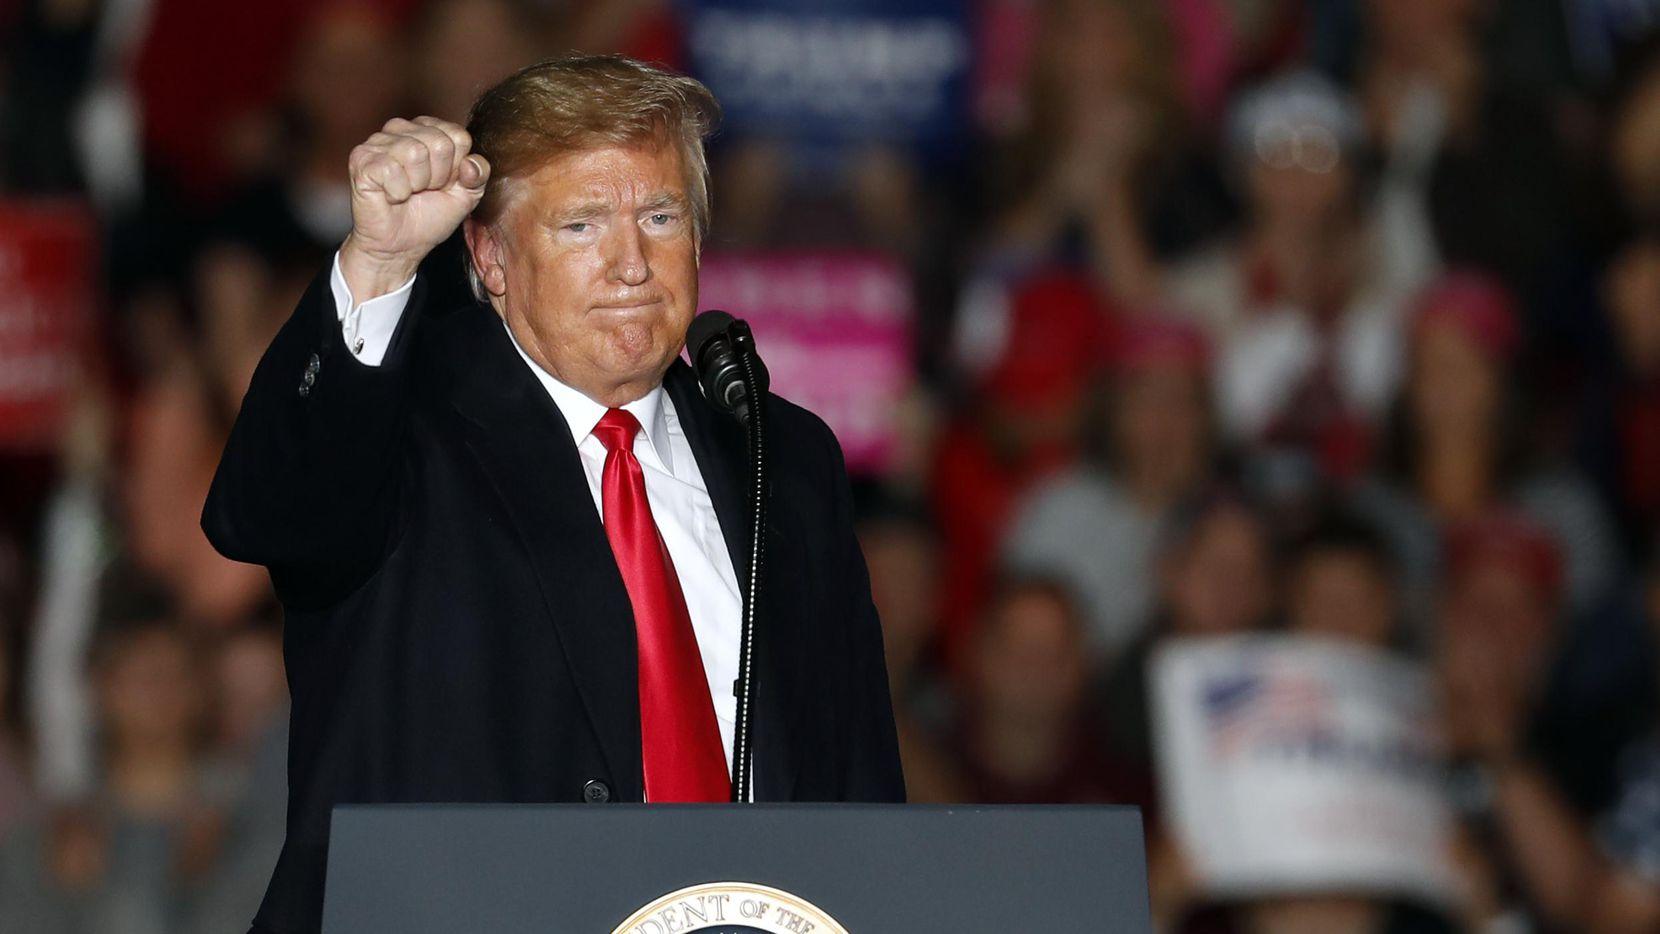 El presidente Donald Trump petende eliminar el derecho a ciudadanía a niños nacidos de inmigrantes no autorizados.(AP)